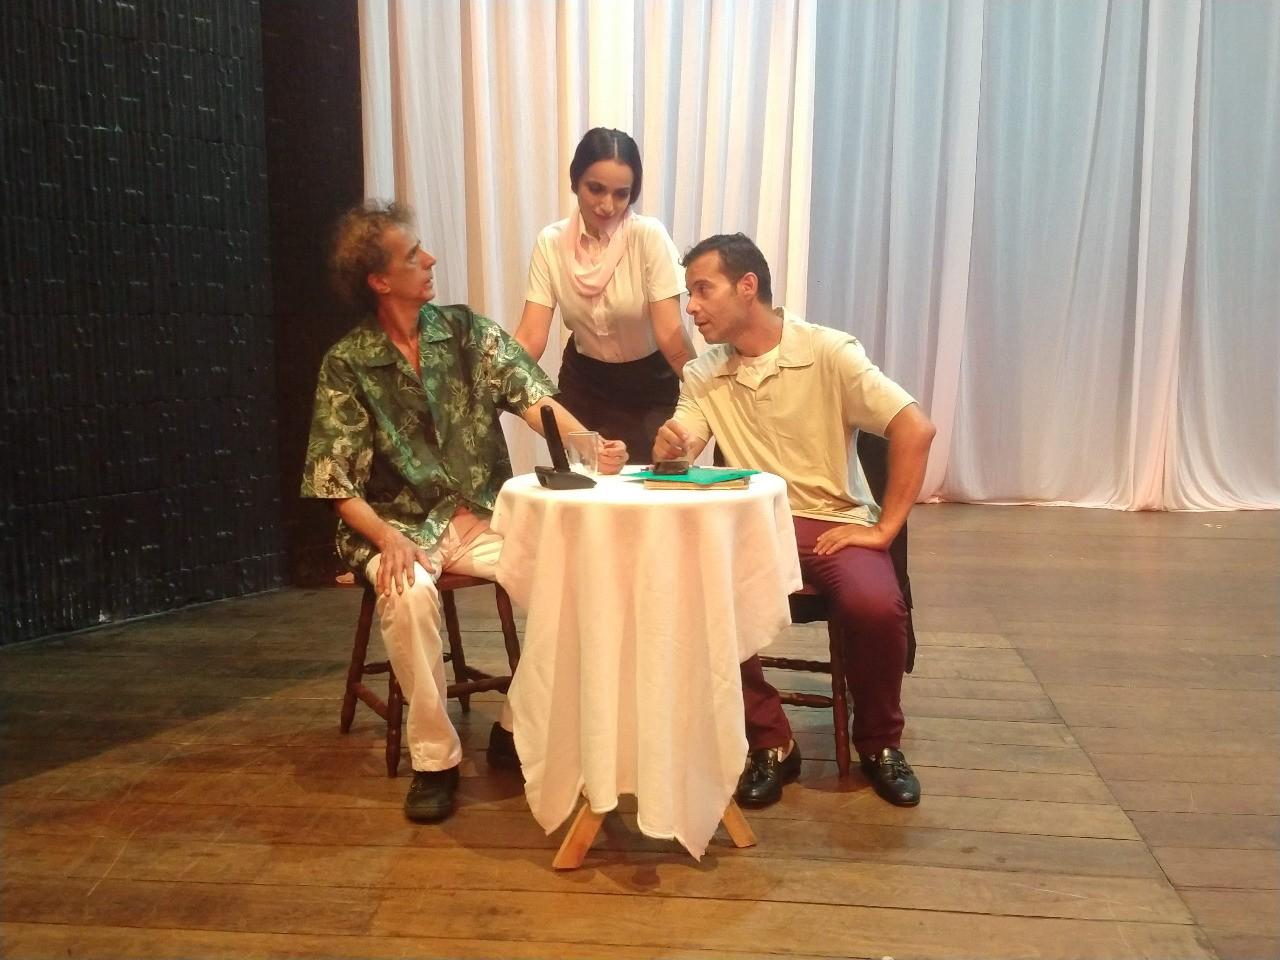 Espetáculo 'Mentira Boa Não é Pecado' é atração no Teatro Nósmesmos em Itu